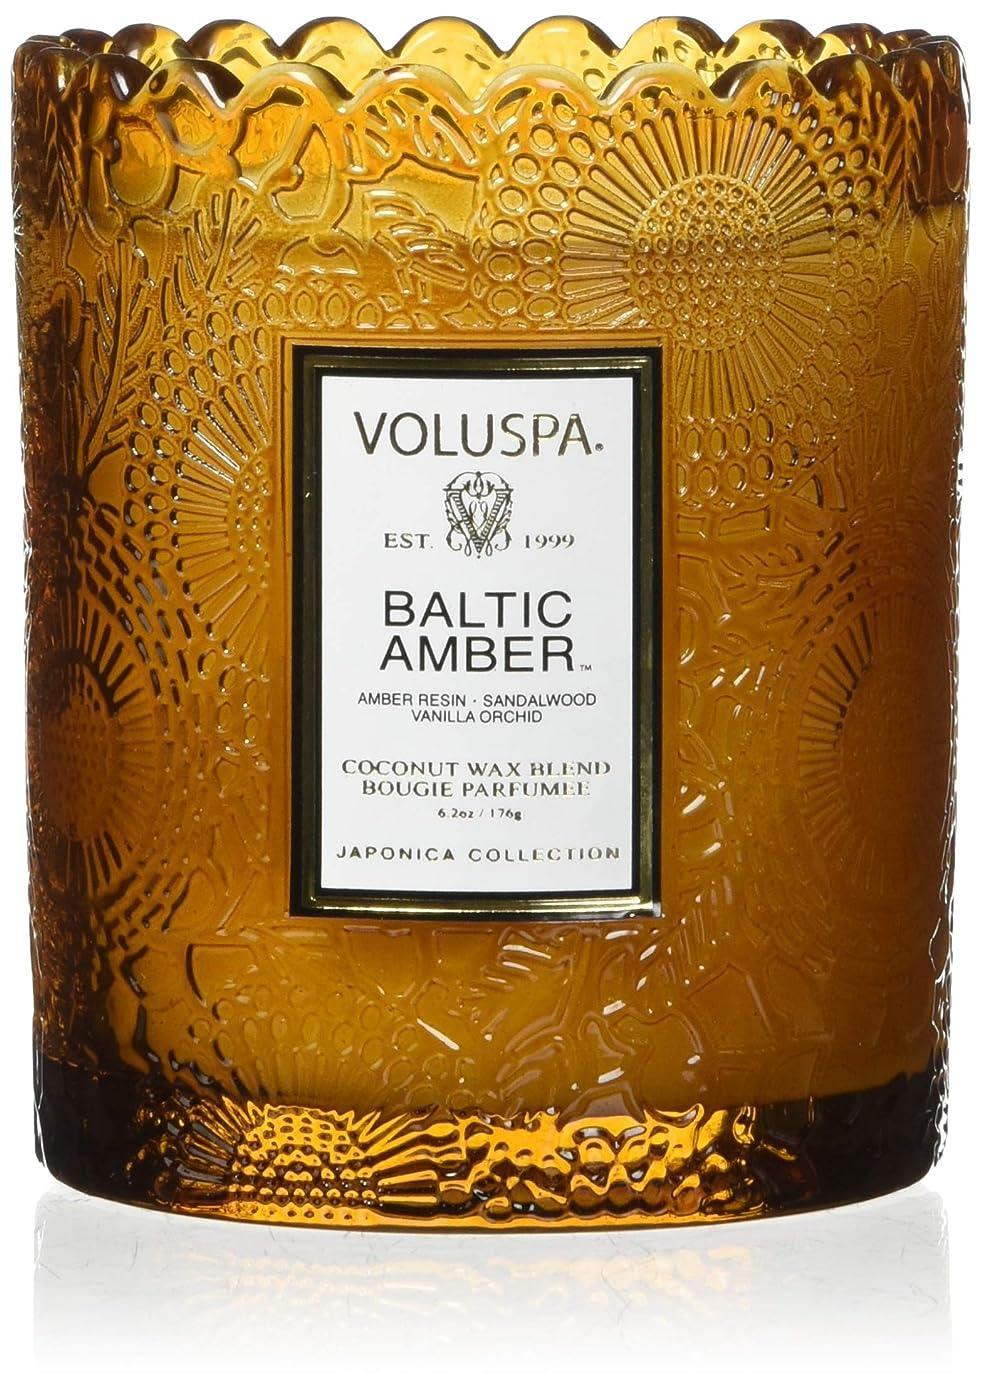 司書ミサイル規制するVoluspa ボルスパ ジャポニカ リミテッド スカラップグラスキャンドル  バルティックアンバー BALTIC AMBER JAPONICA Limited SCALLOPED EDGE Glass Candle